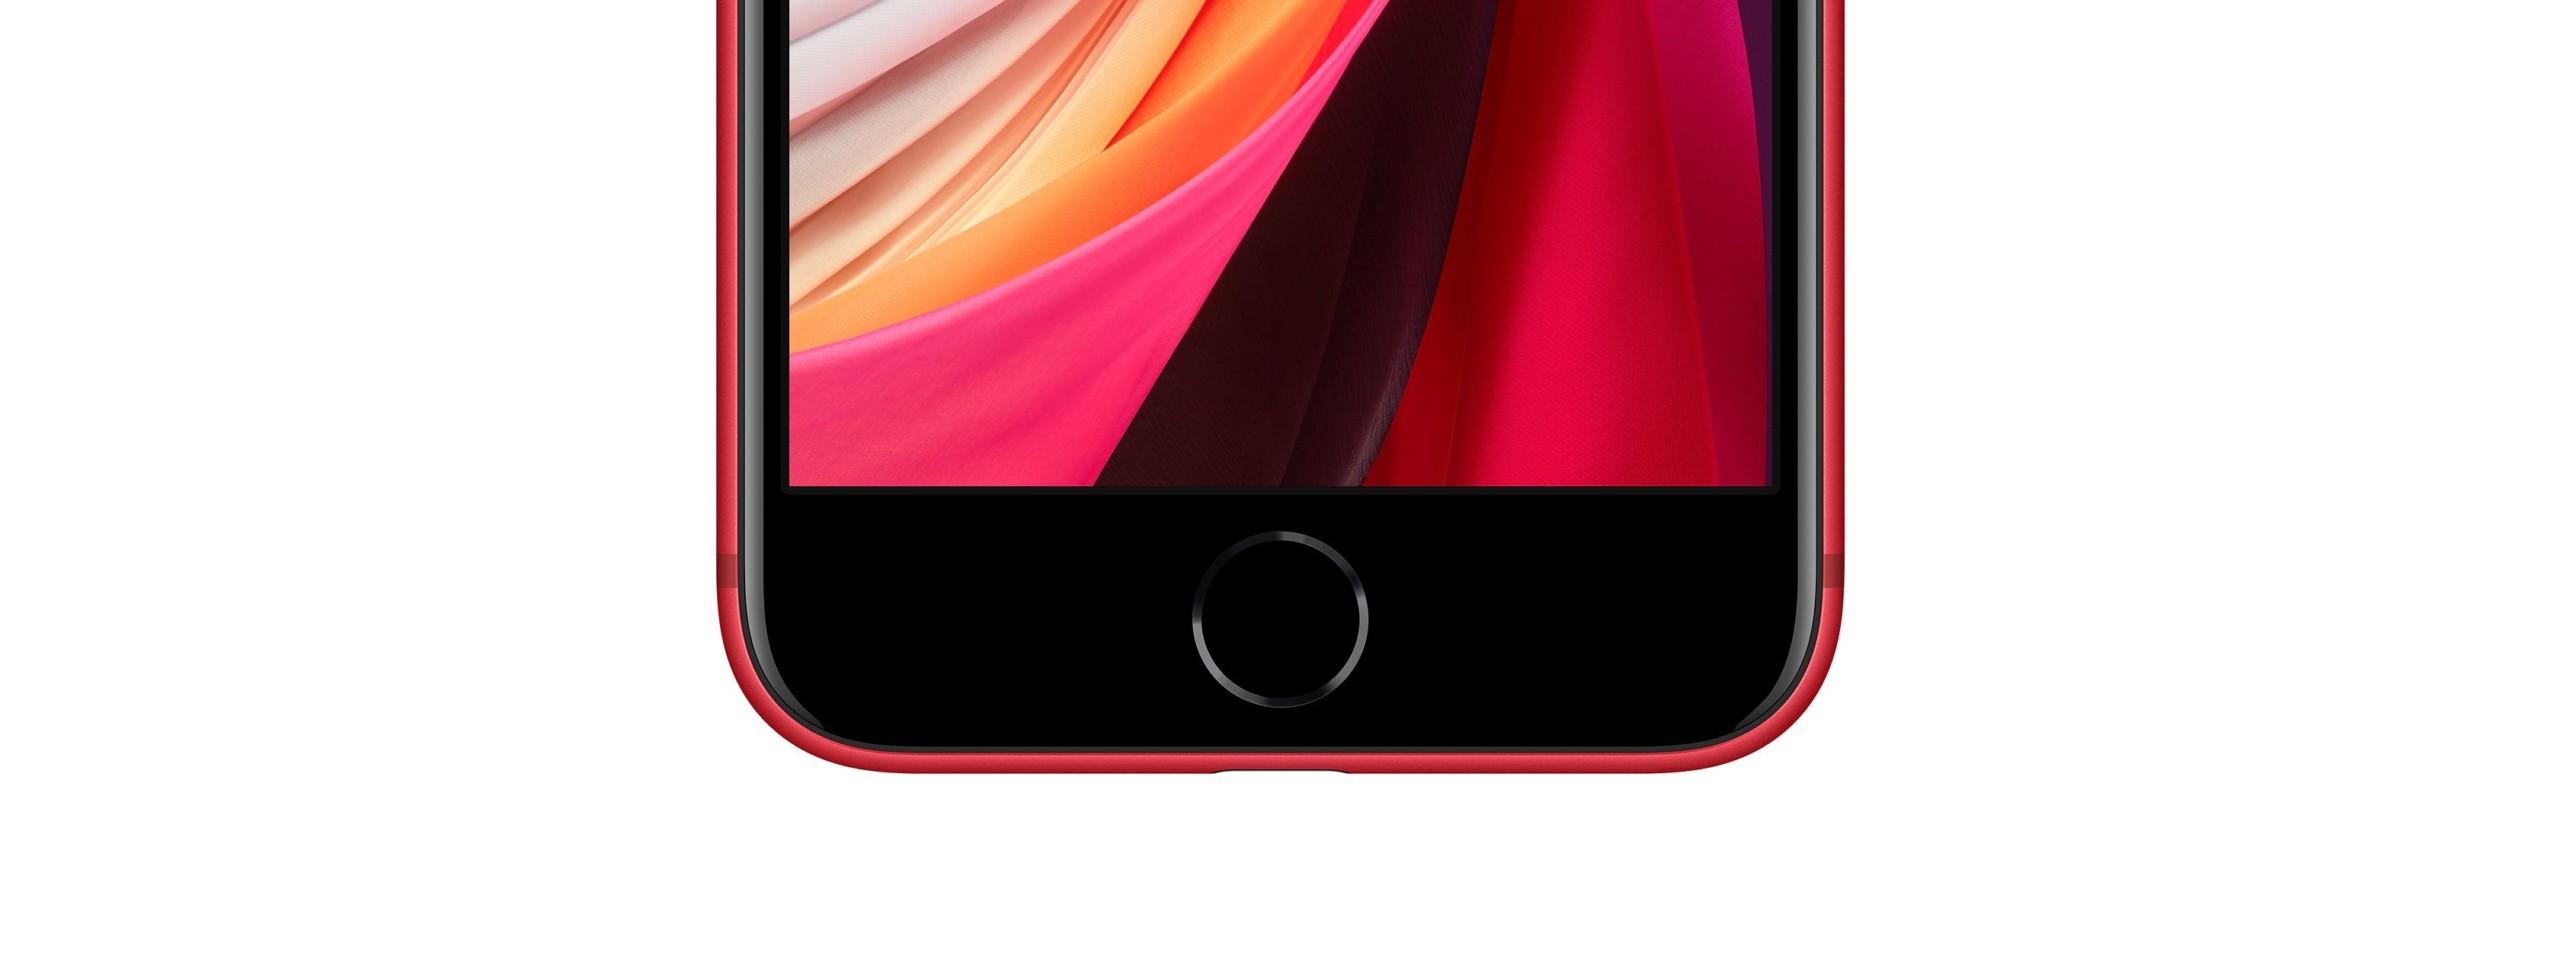 Apple obtient un brevet pour un lecteur Touch ID plus grand